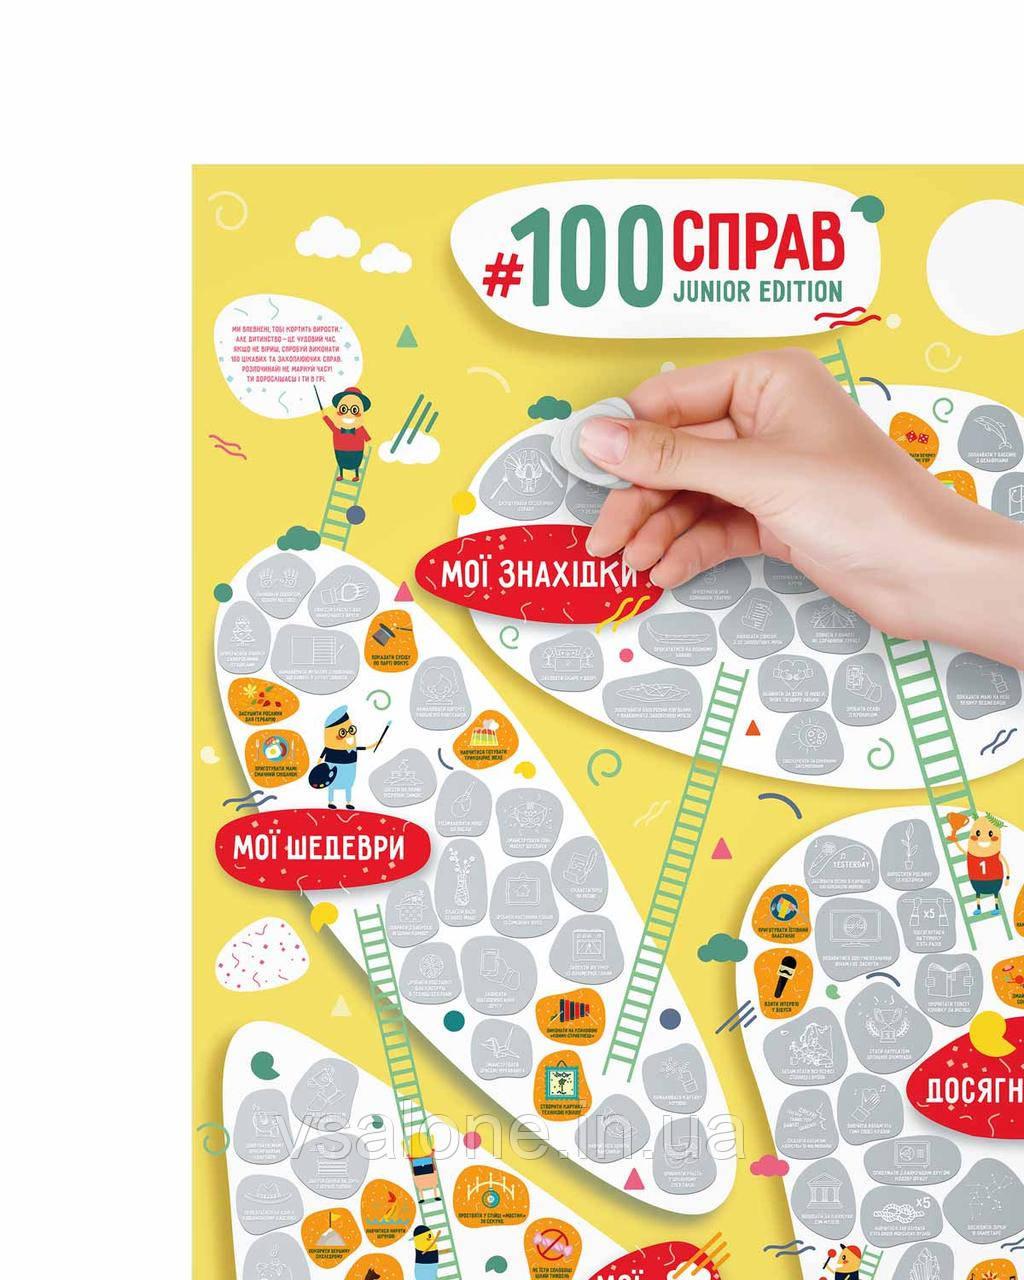 Скретч постер #100 СПРАВ JUNIOR edition (укр) (тубус)